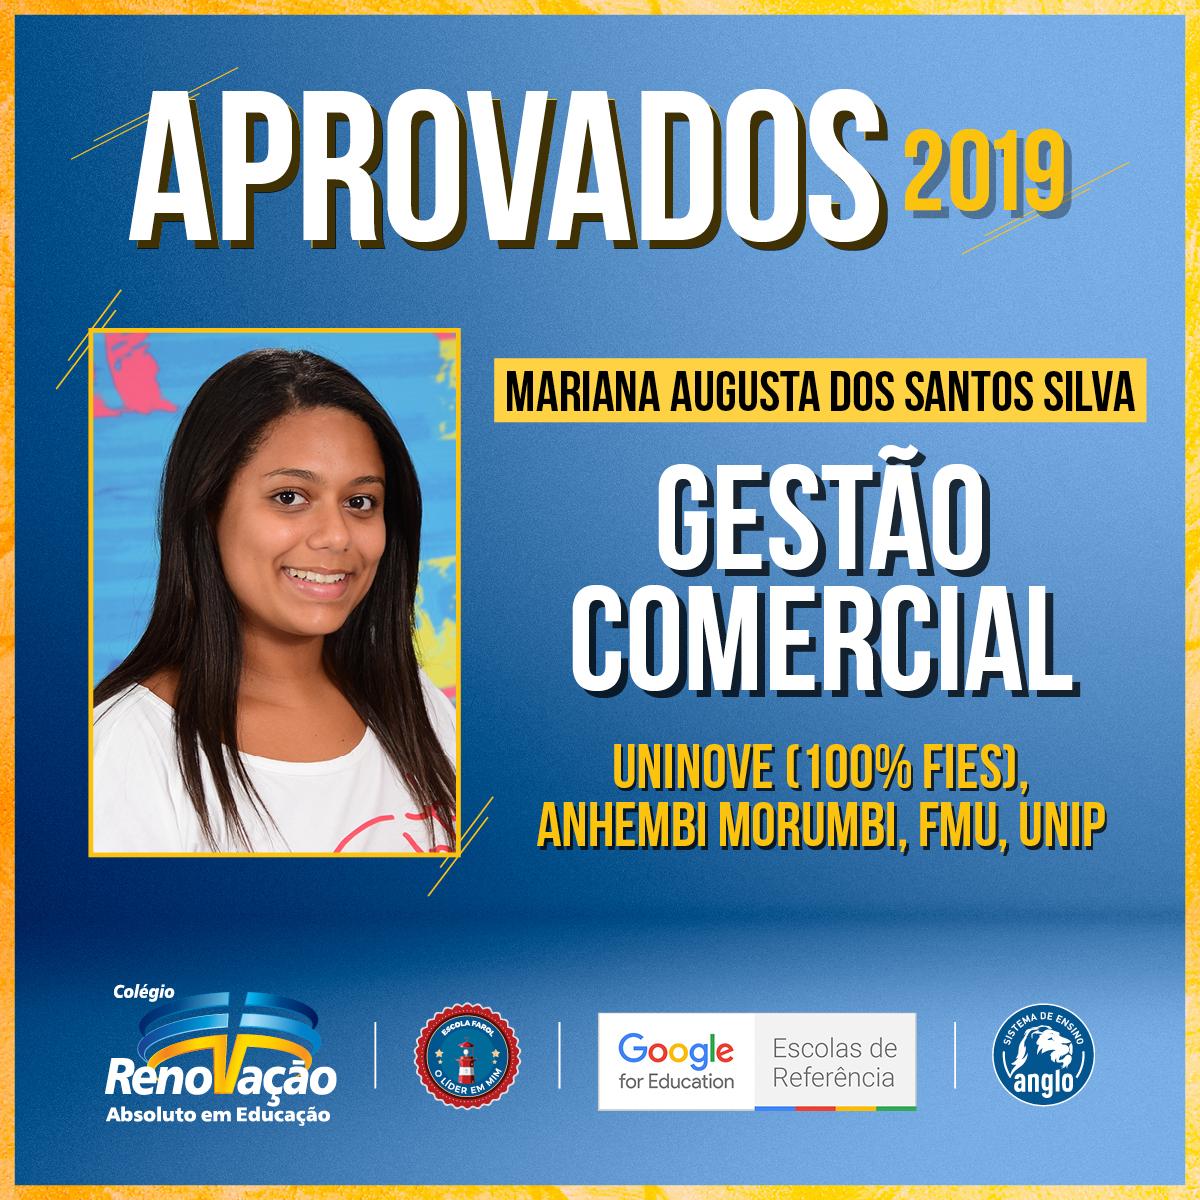 16992_Desdobramentos_Post_BannerAprovados2019_ColegioRenovacaoSP32